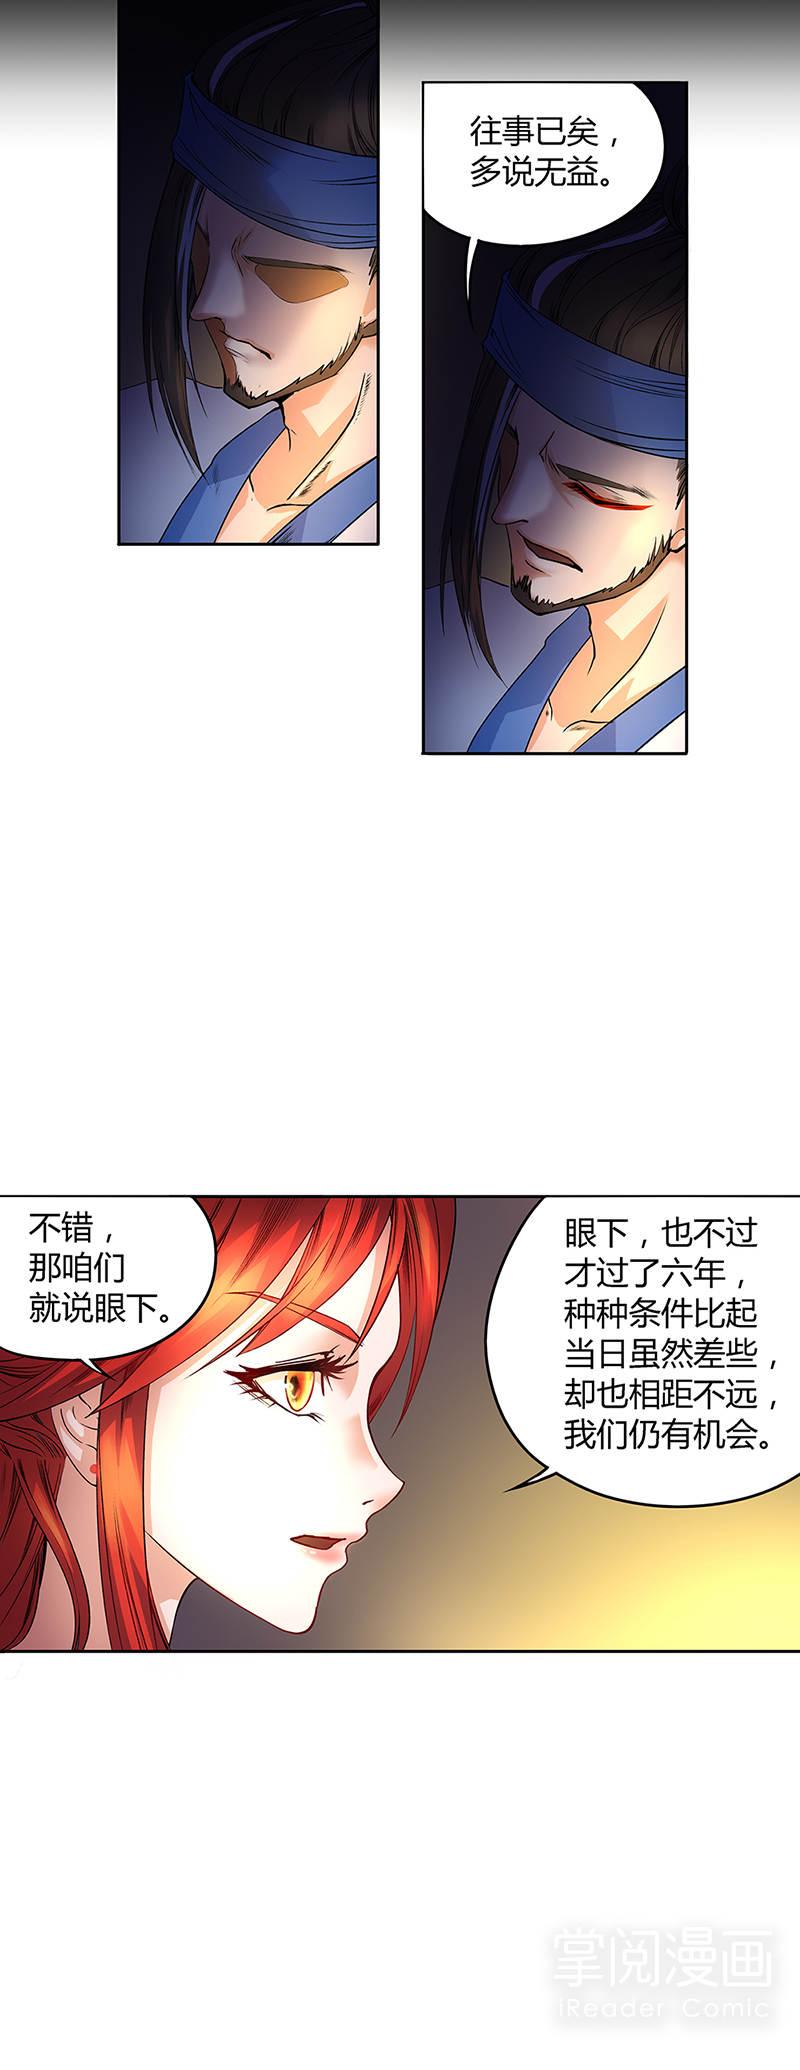 逍遥游第20话  谋勇和议共反唐 第 11